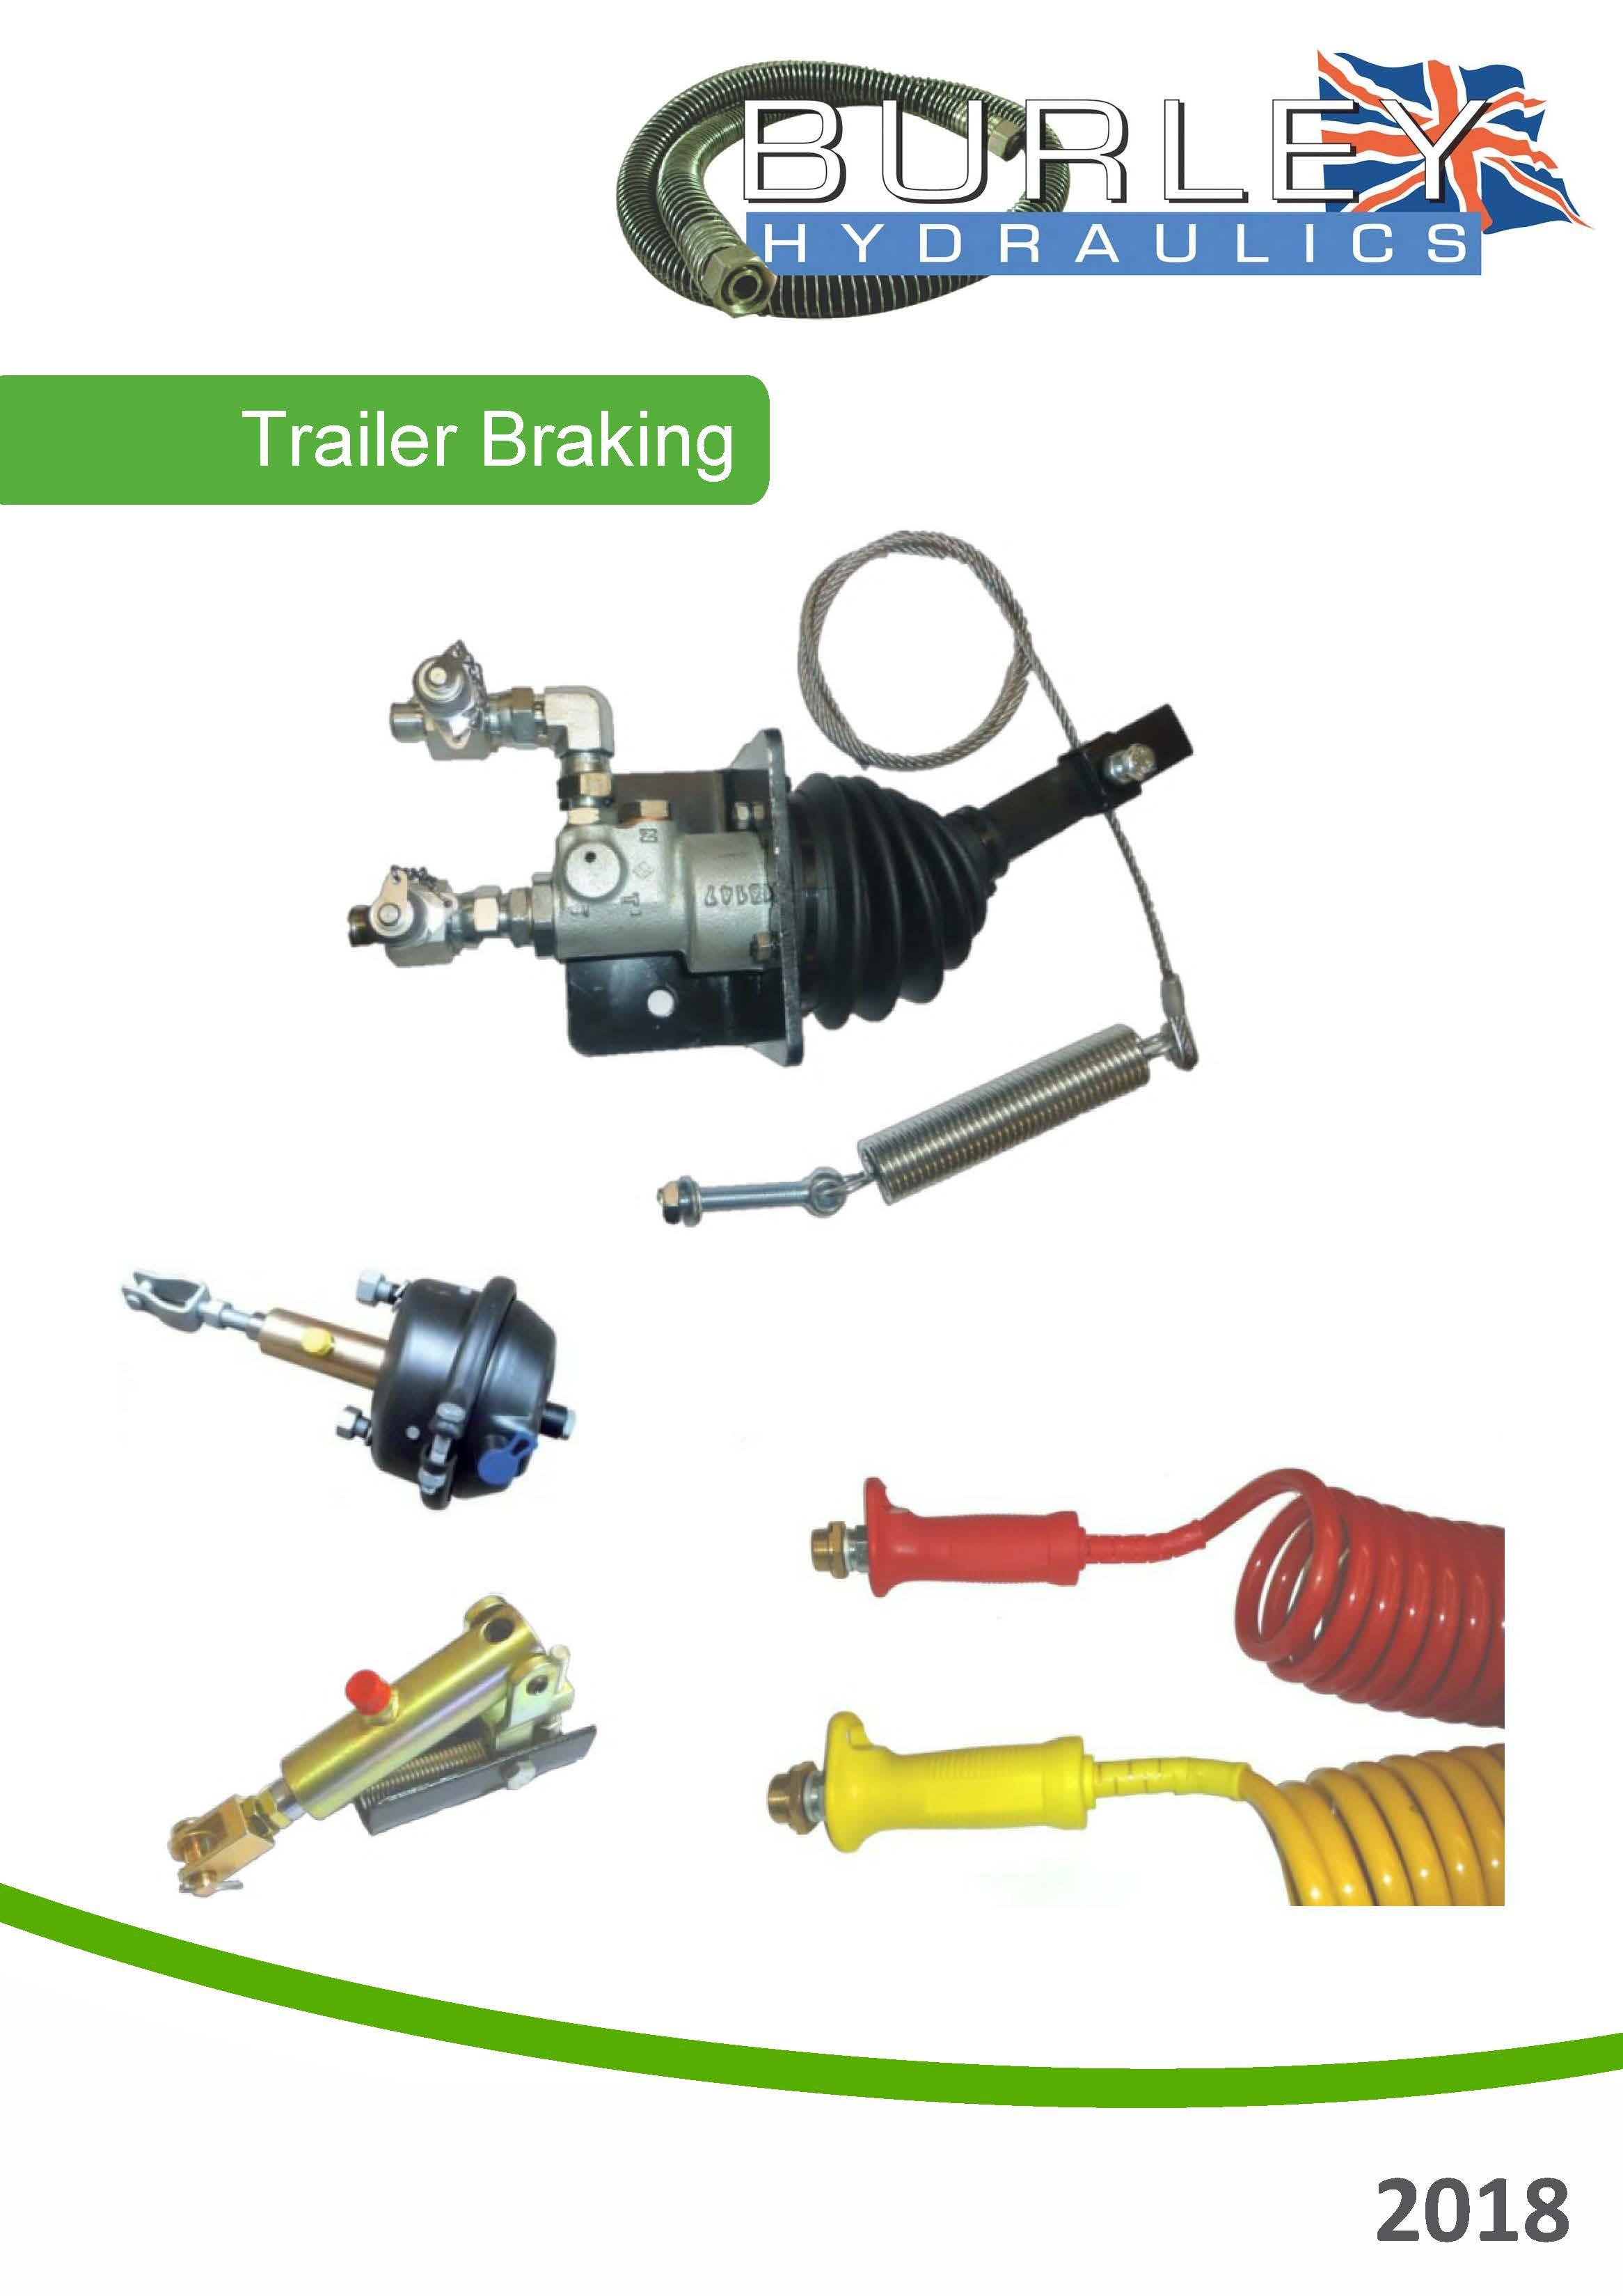 Trailer Braking